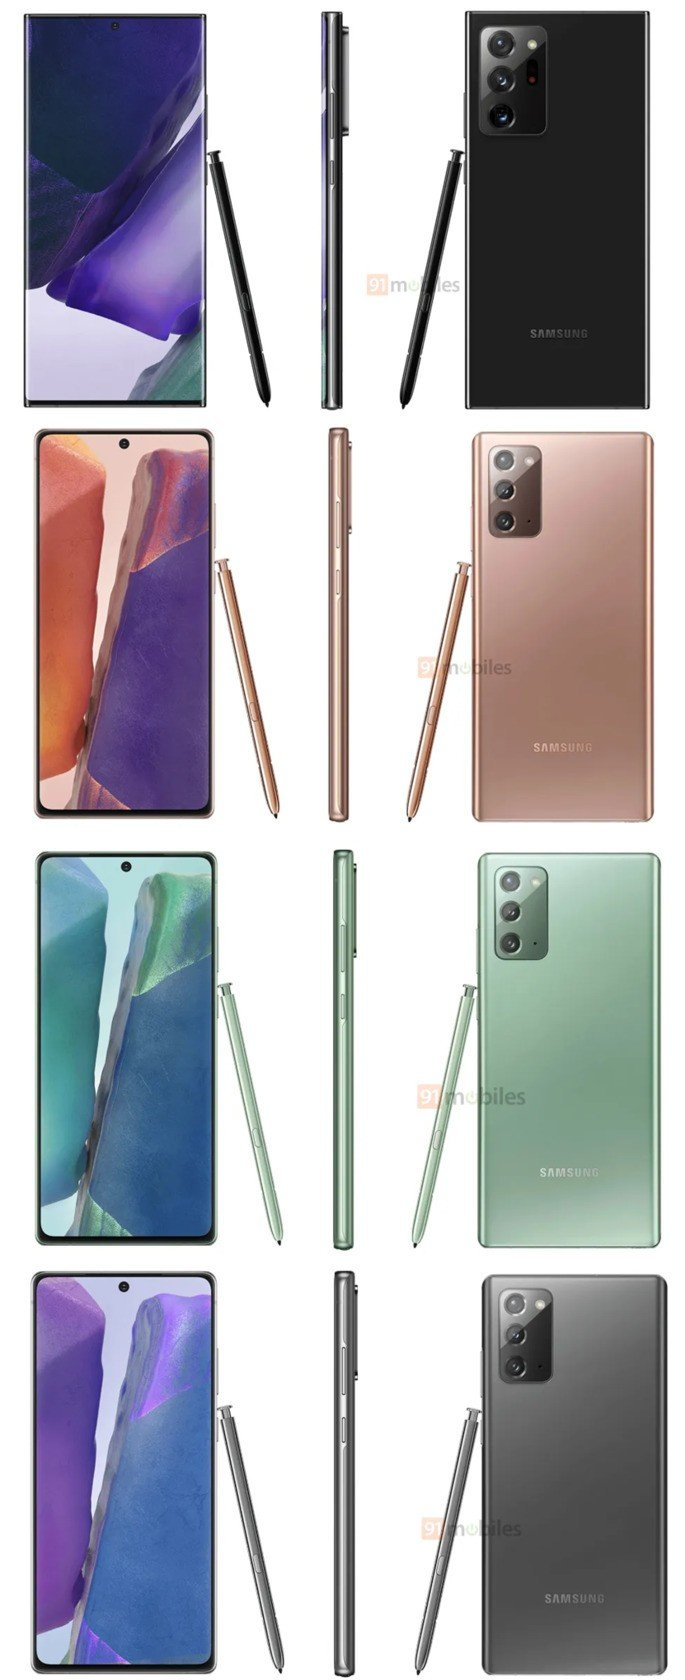 Samsung Galaxy Note 20 cores